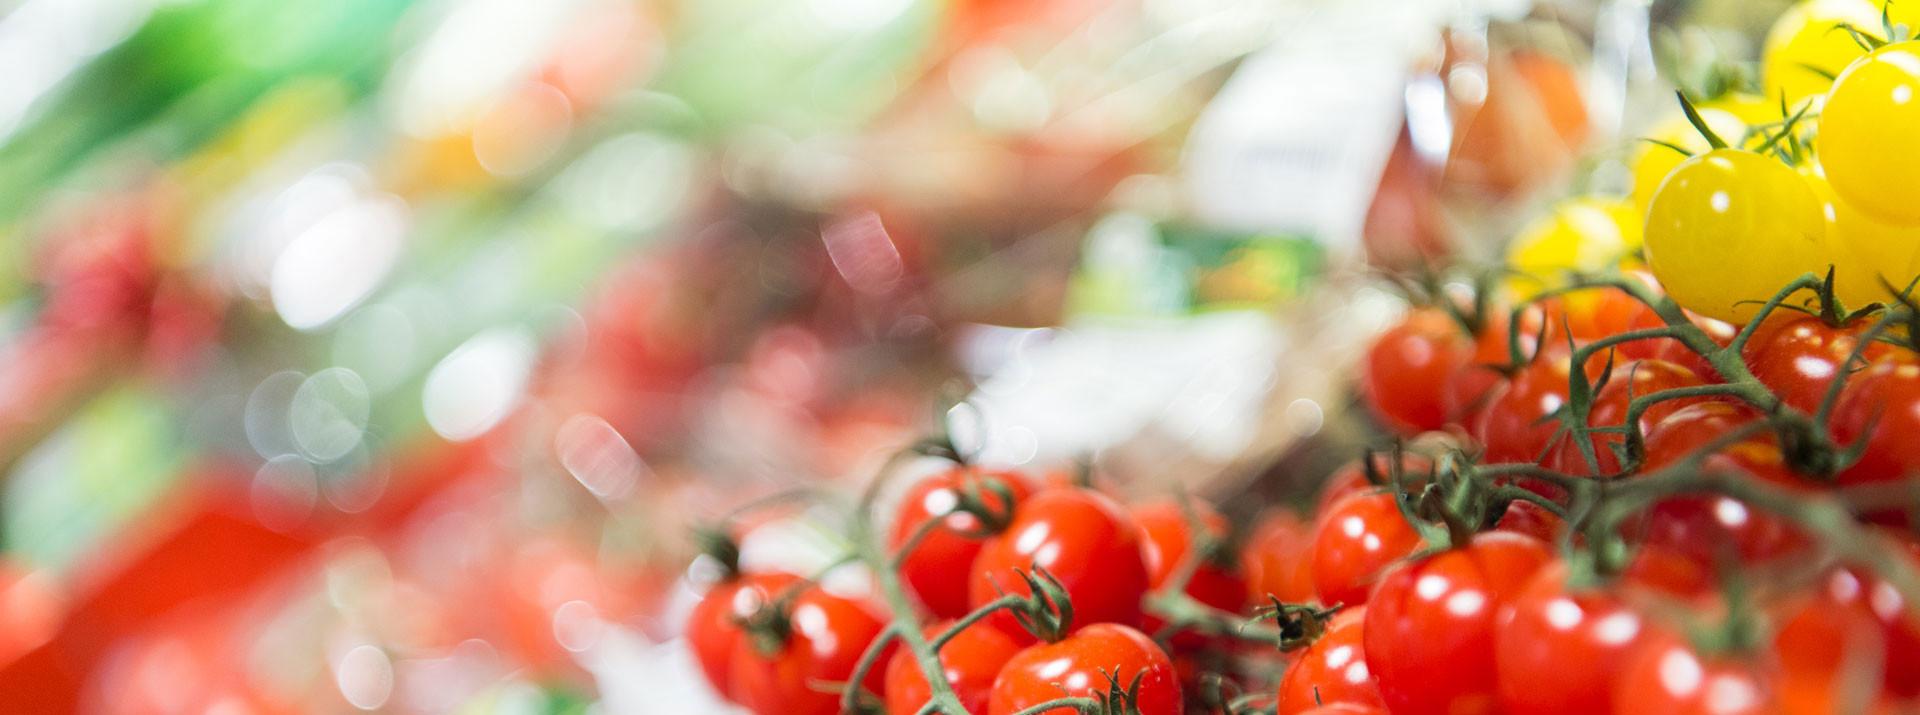 Nahaufnahme von gelben und roten Tomaten